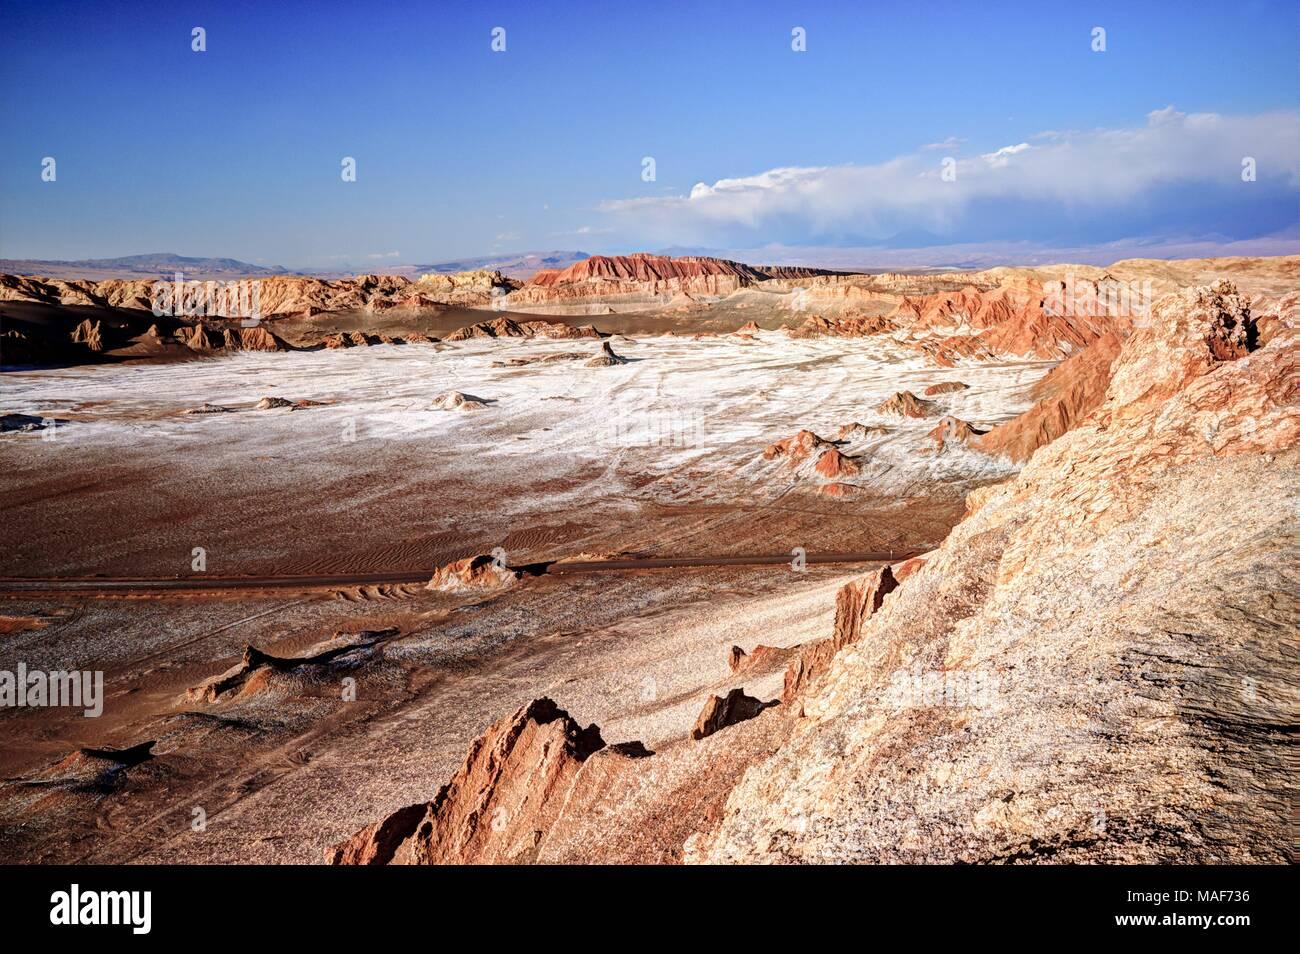 Paysage désertique et sec dans le nord du Chili, Atacama Photo Stock